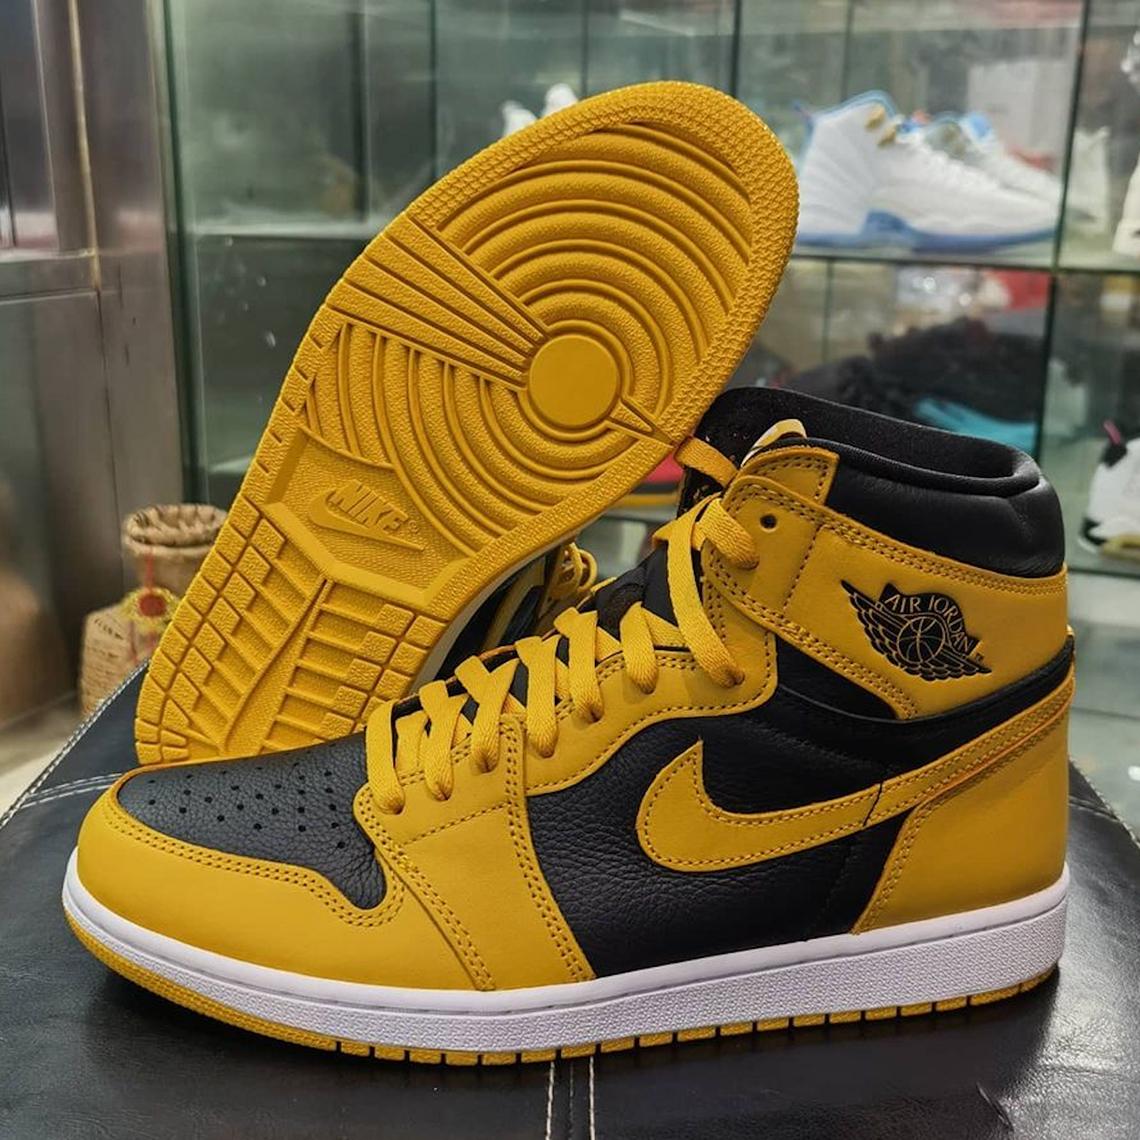 air jordan 1 retro high og jaune